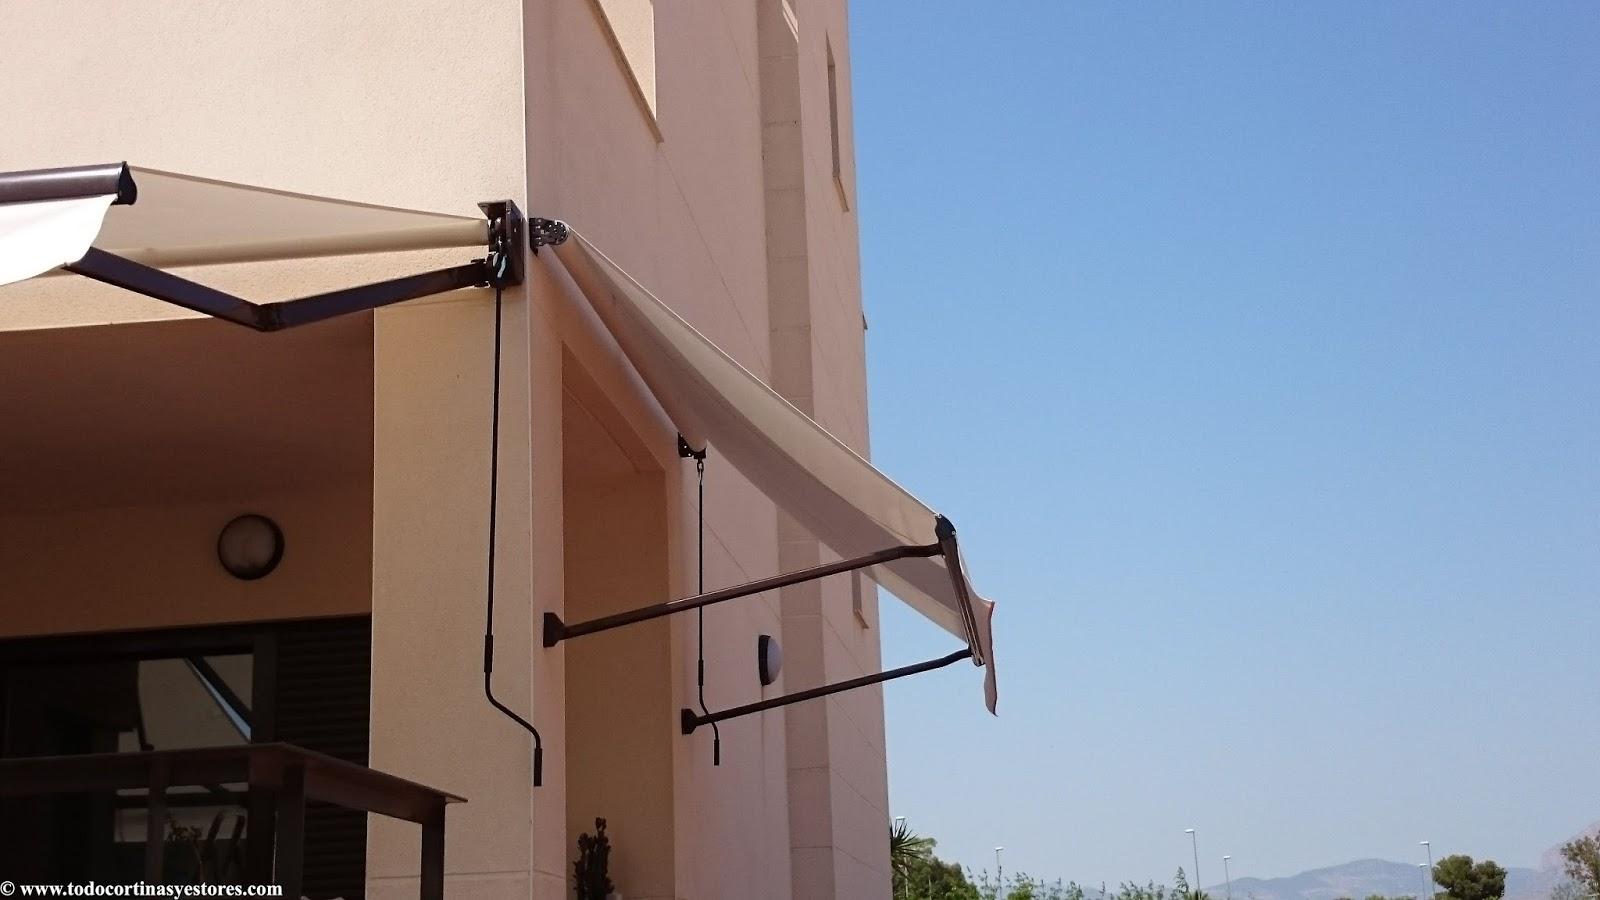 Decoracion interior cortinas verticales estores - Brazos para toldos ...